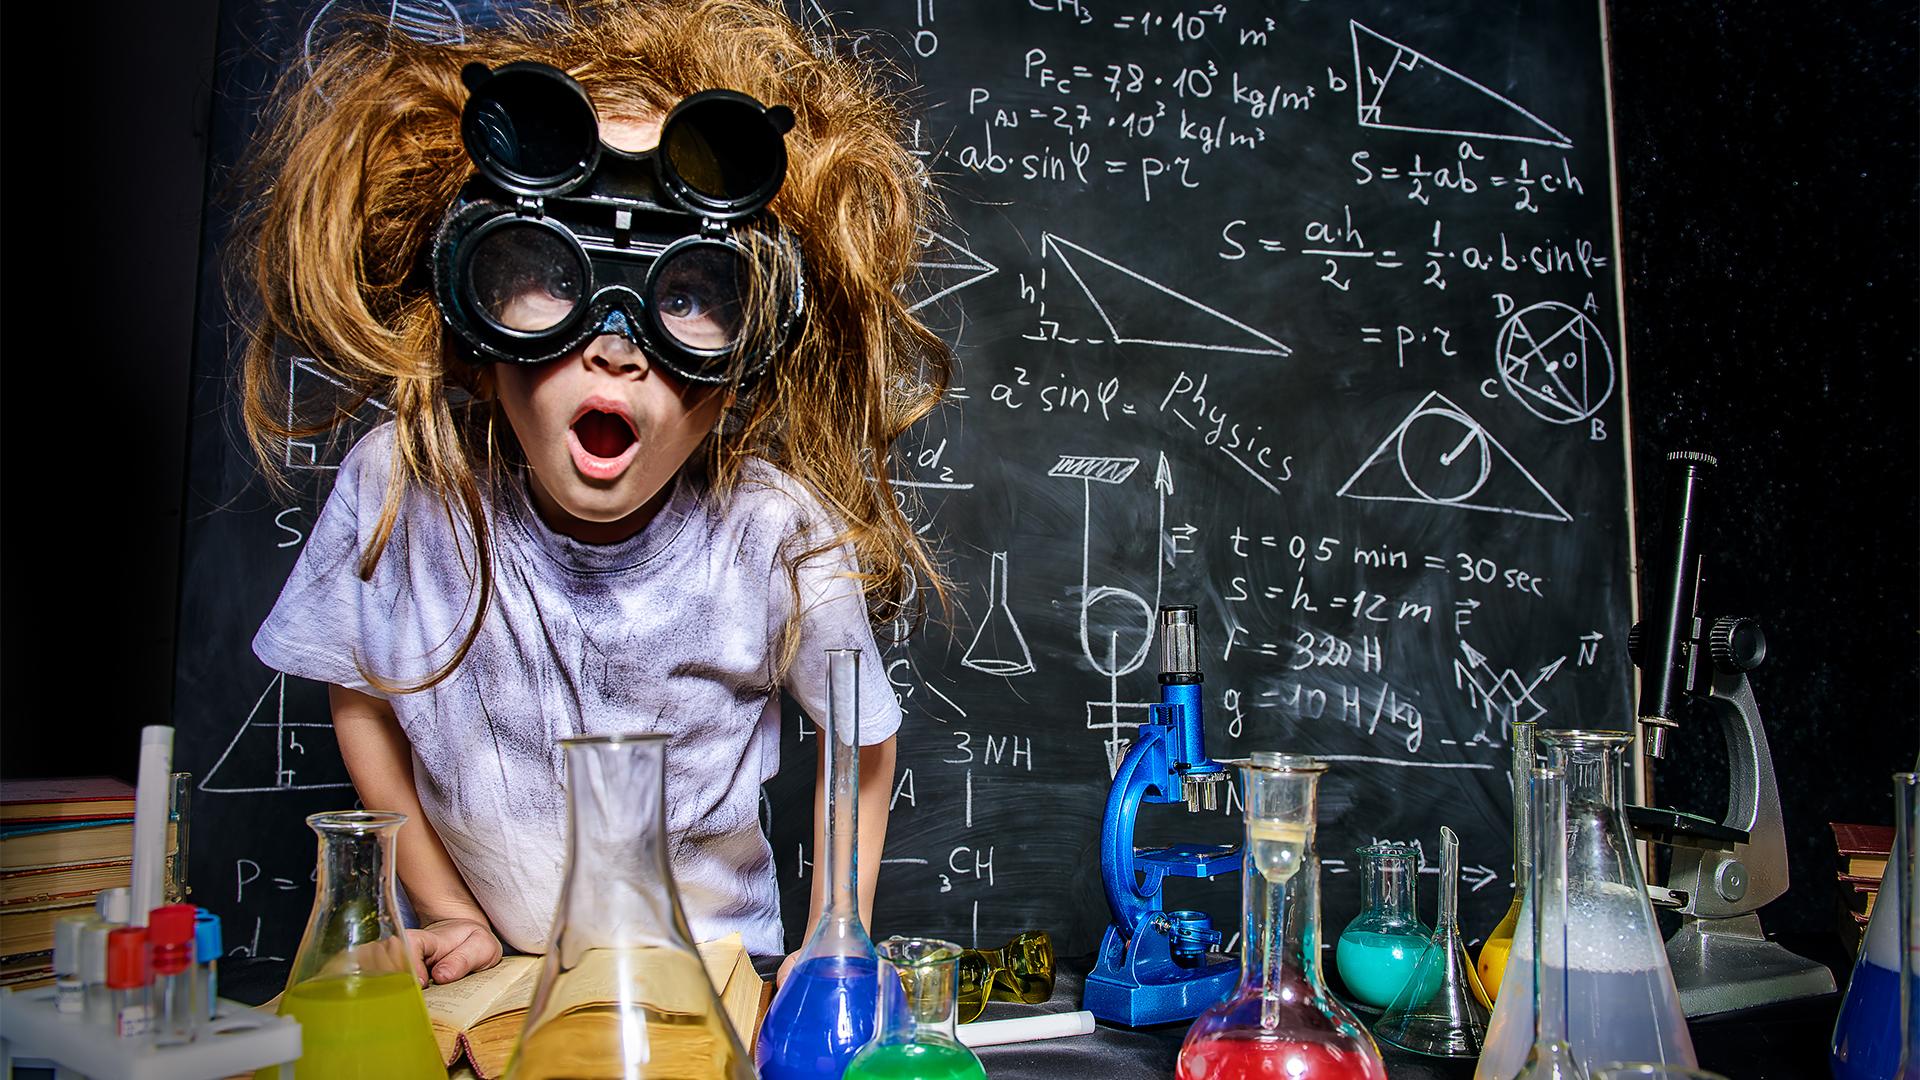 1 op de 3 leerlingen in STEM-richtingen is een meisje